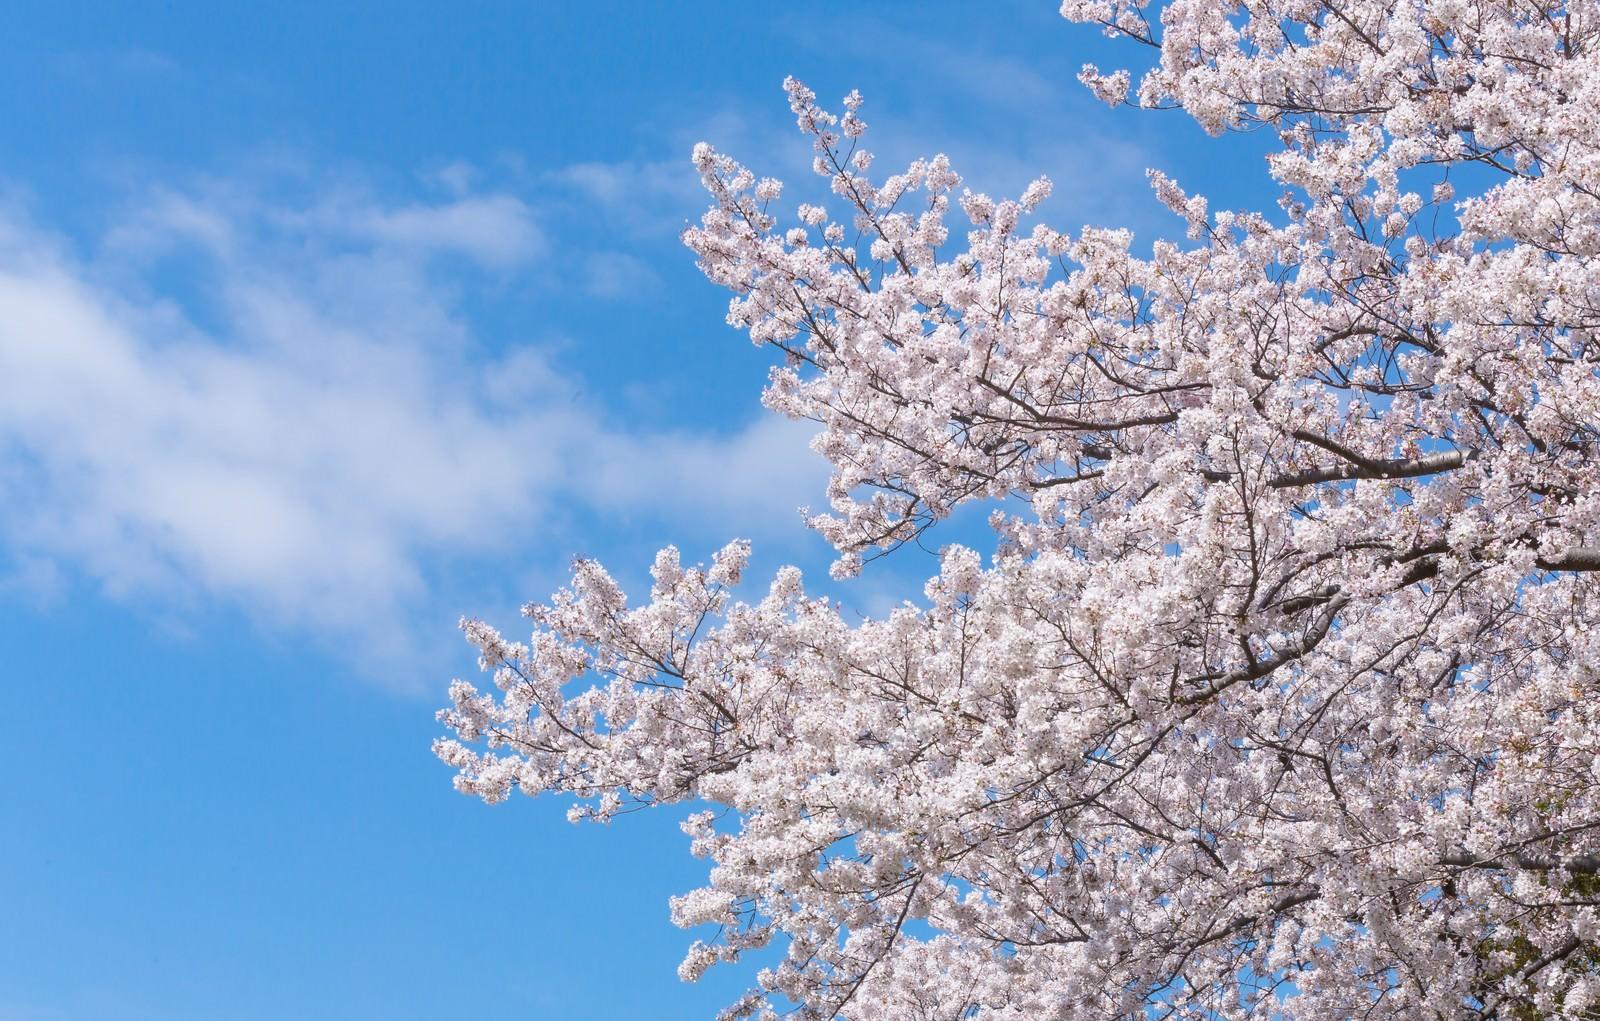 「桜 画像 フリー」の画像検索結果